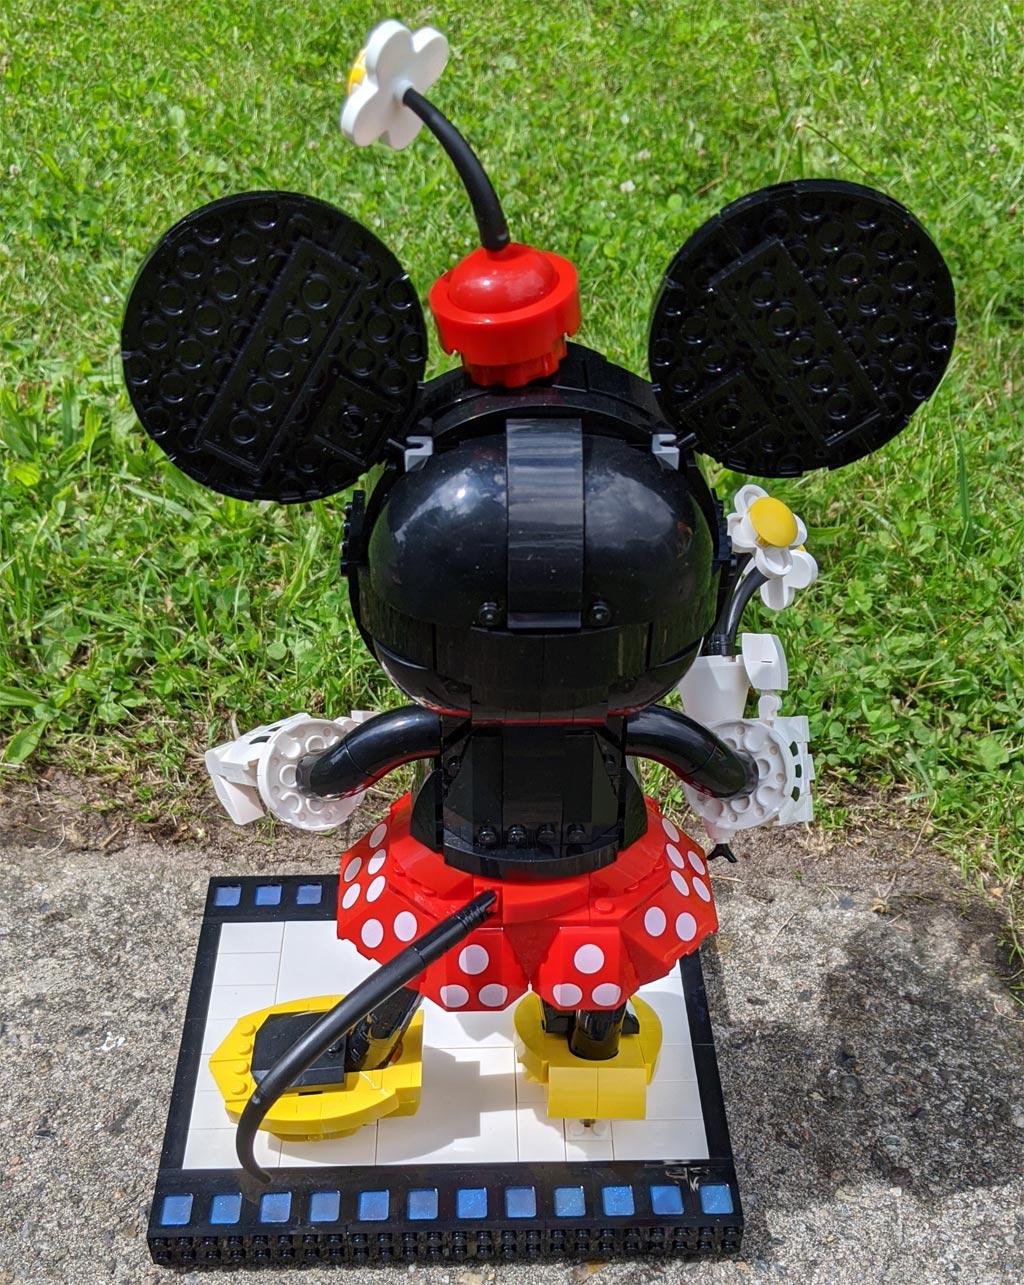 lego-43179-disney-mickey-mouse-minnie-mouse-2020-minnie-rueckseite-sonne-zusammengebaut-andres-lehmann zusammengebaut.com